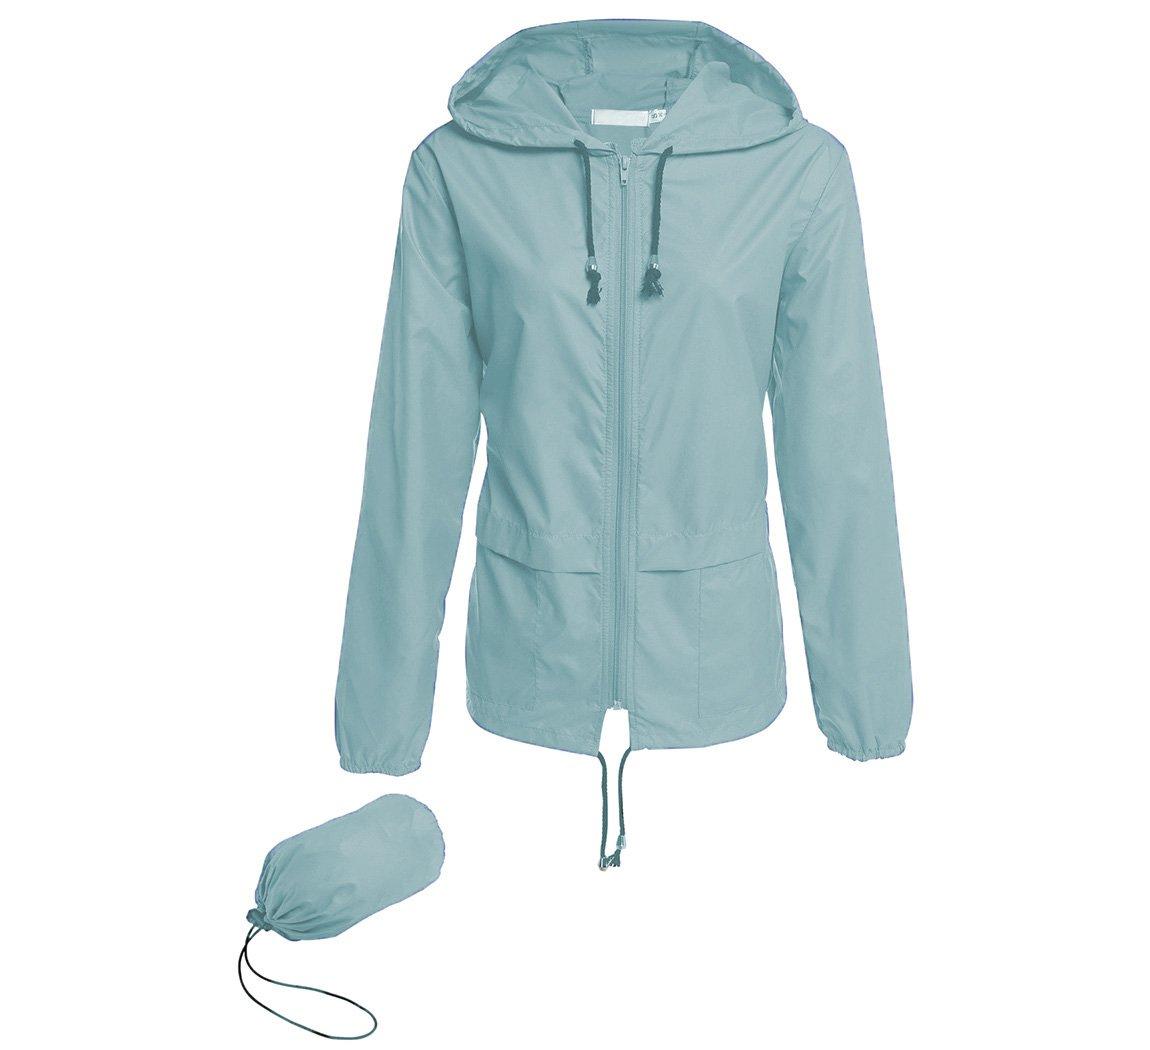 Hount Women's Lightweight Hooded Raincoat Waterproof Packable Active Outdoor Rain Jacket (S, Light Green)